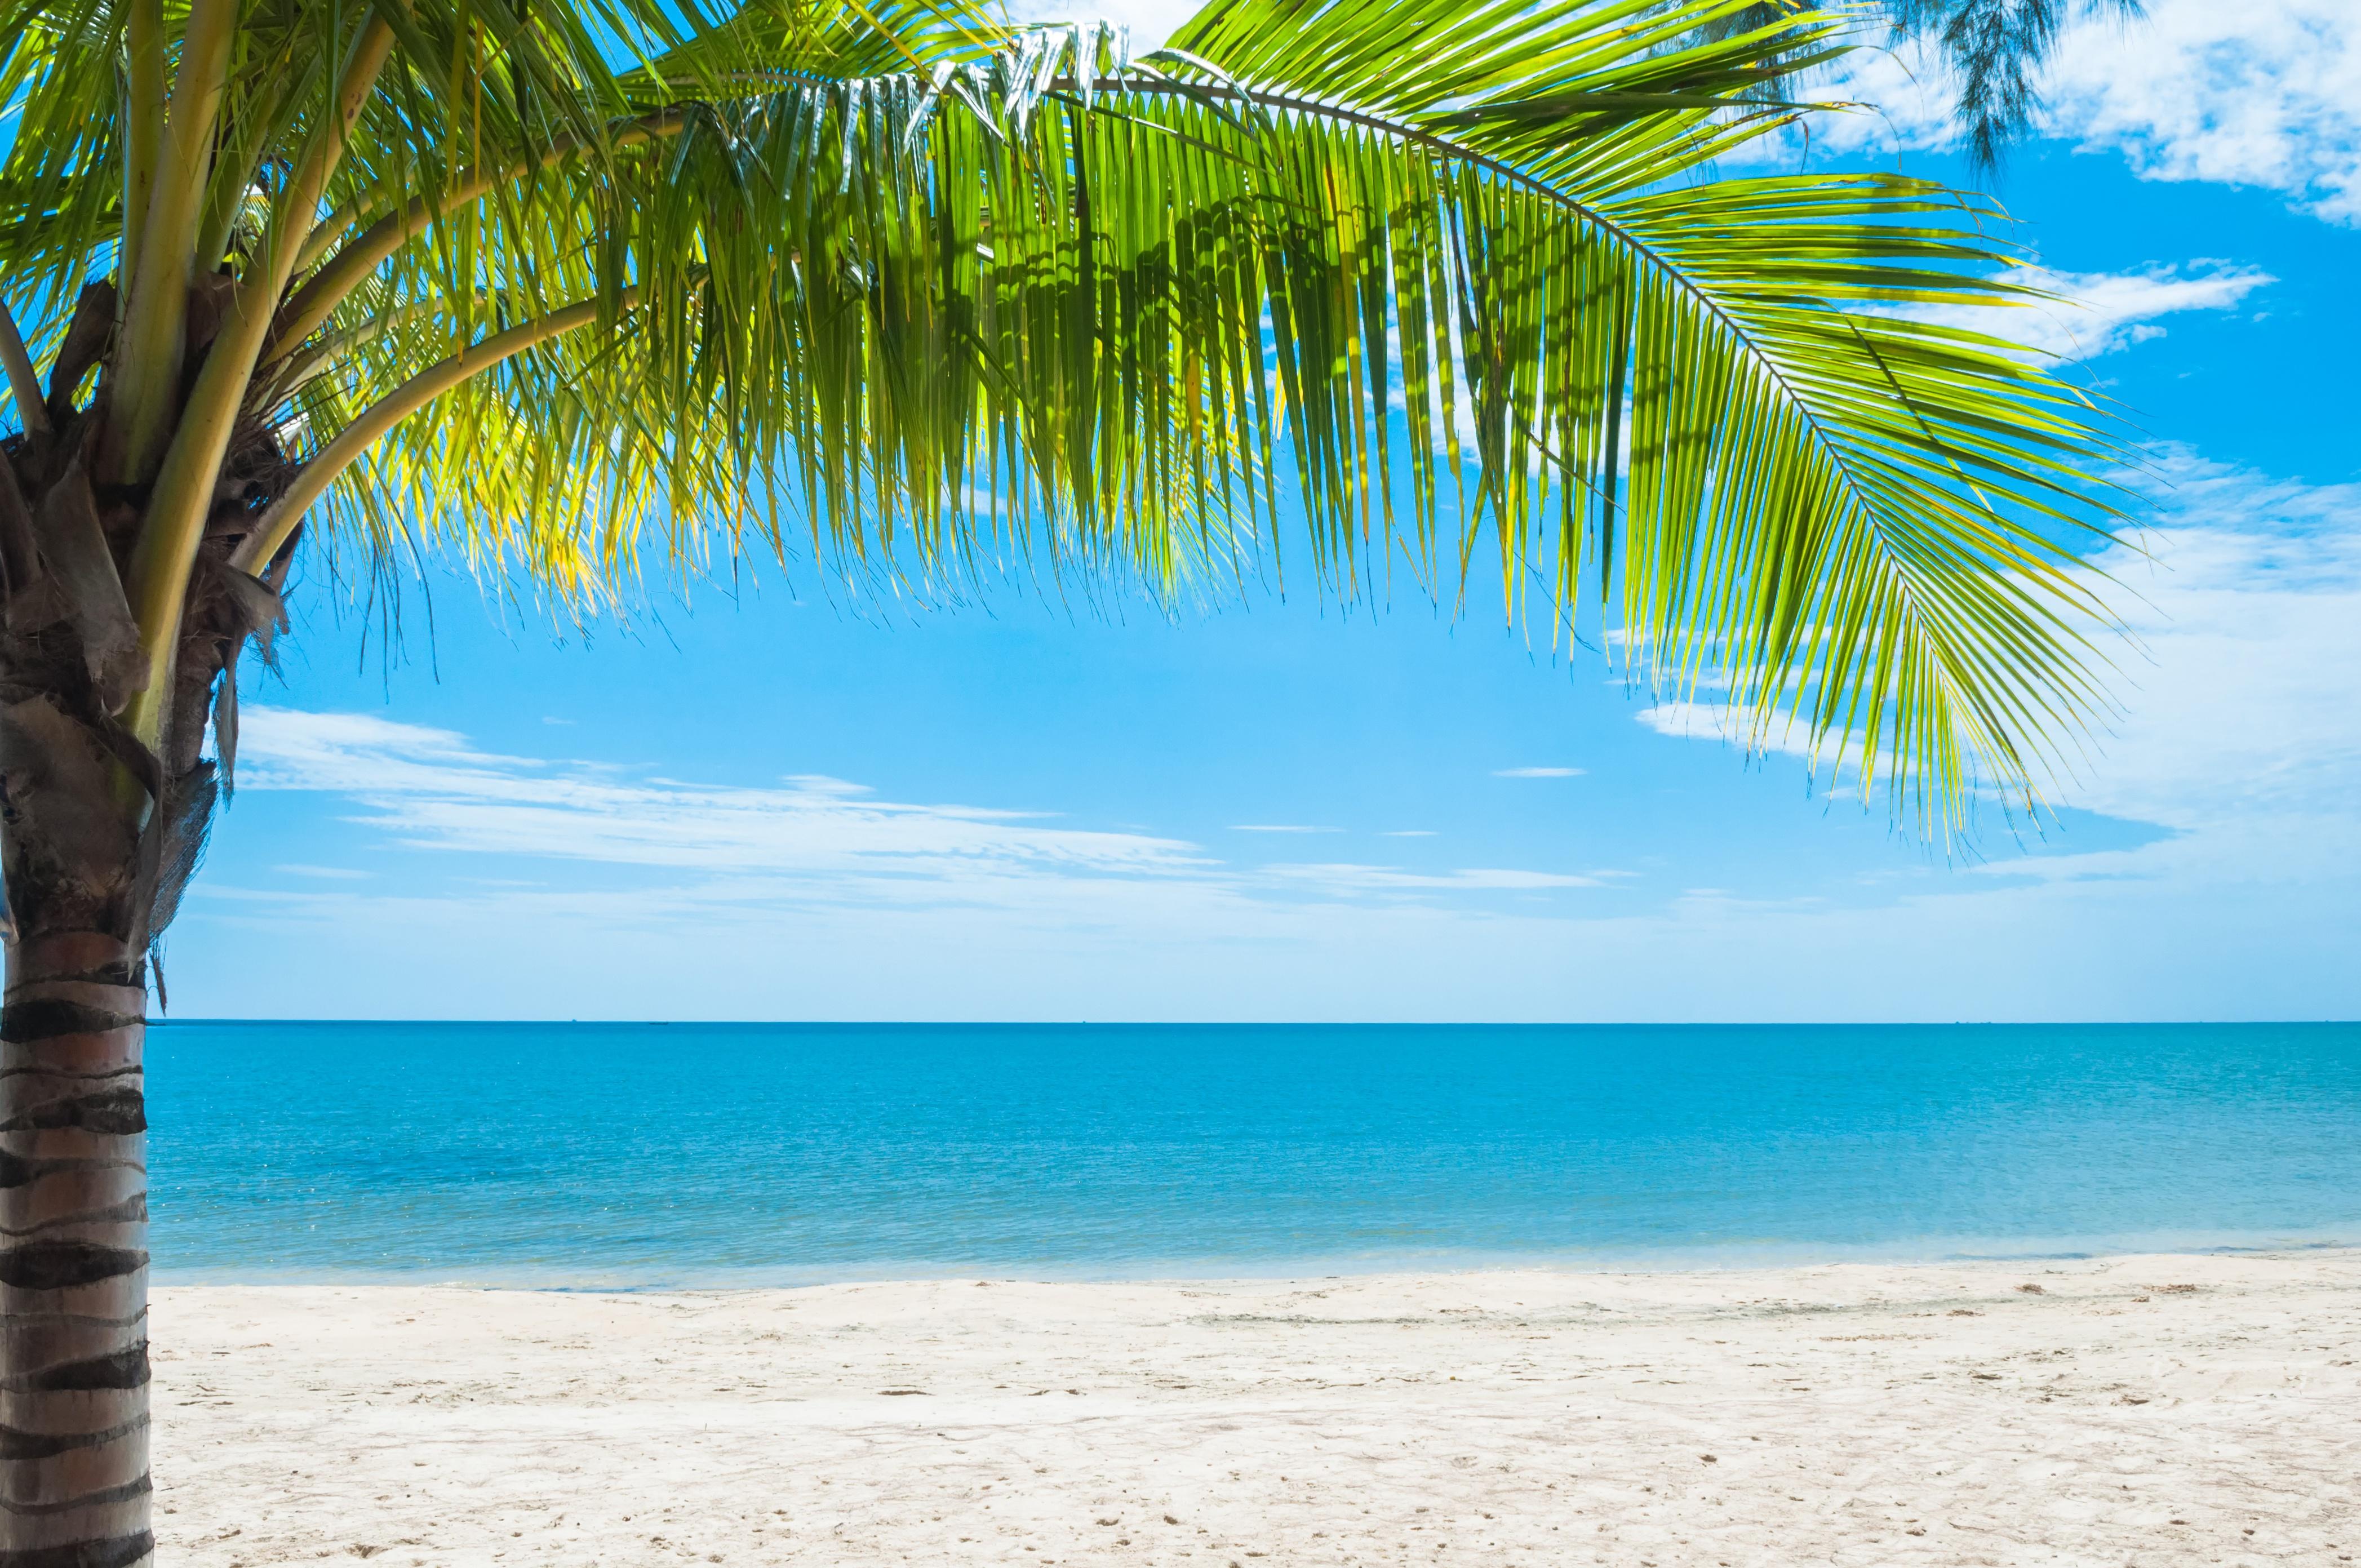 видео пляж картинки красивые обои легко